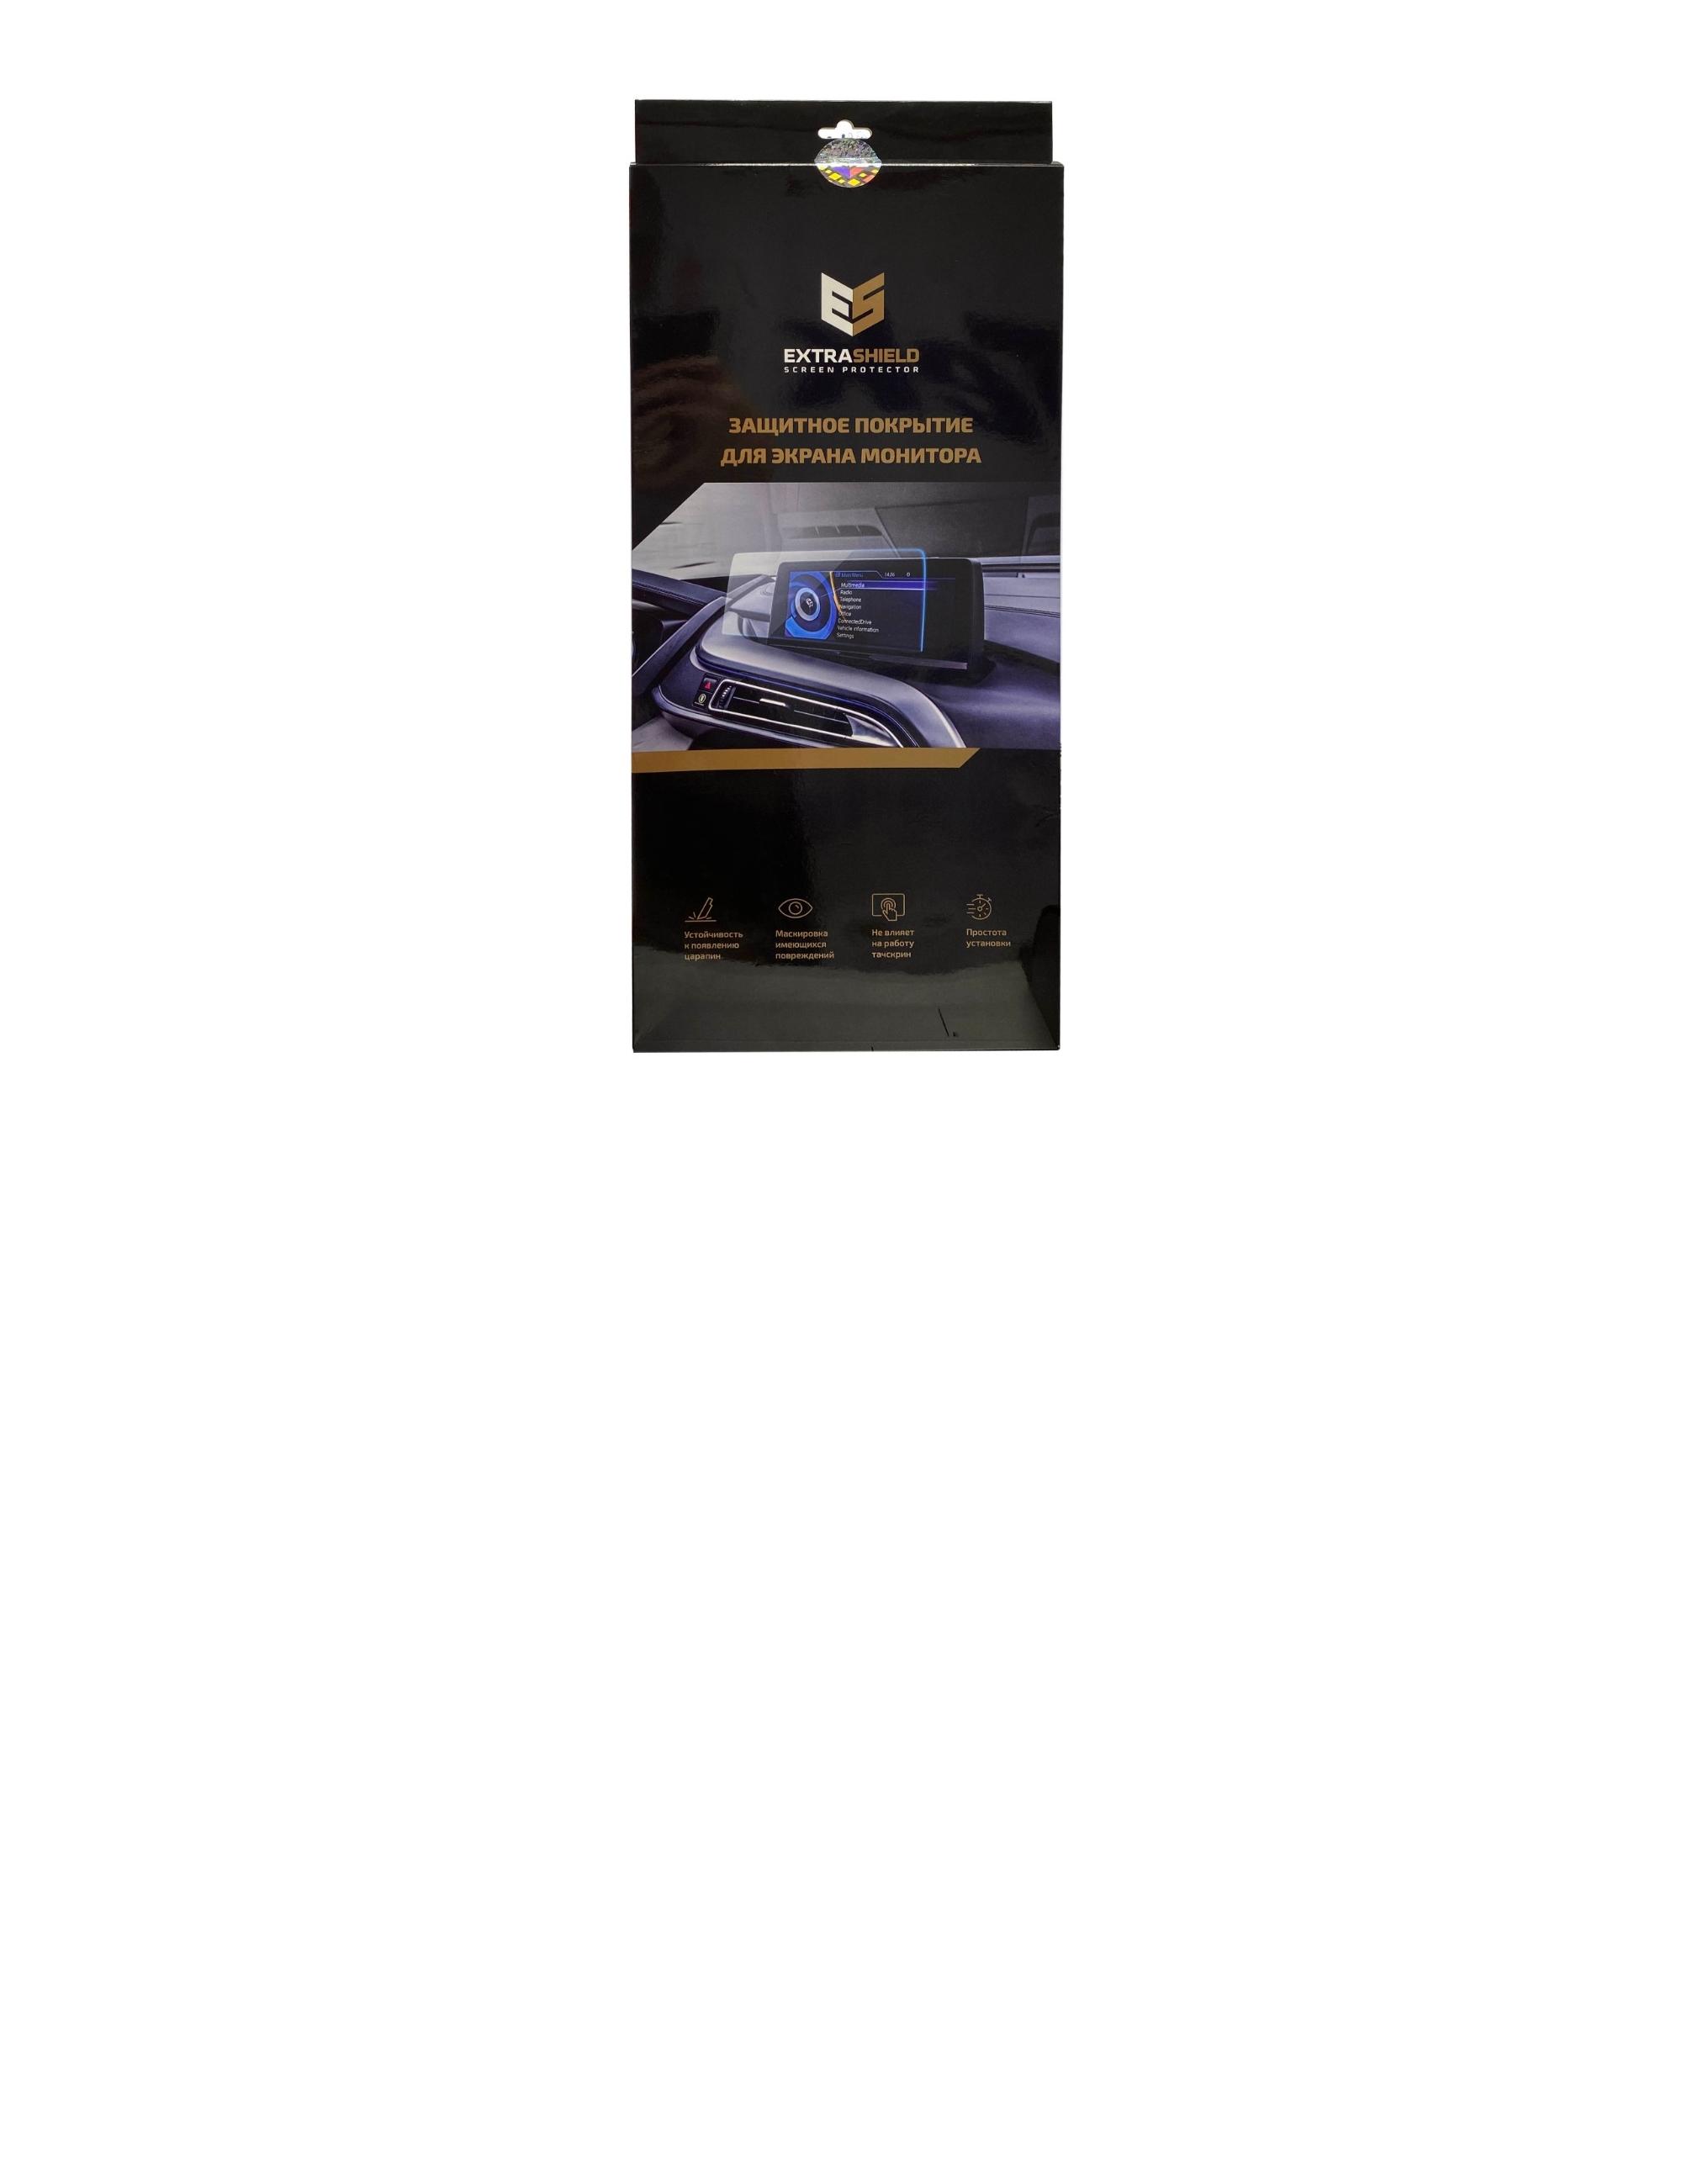 Audi A5 (F5) 2016 - н.в. мультимедиа MMI 7 Статическая пленка Матовая